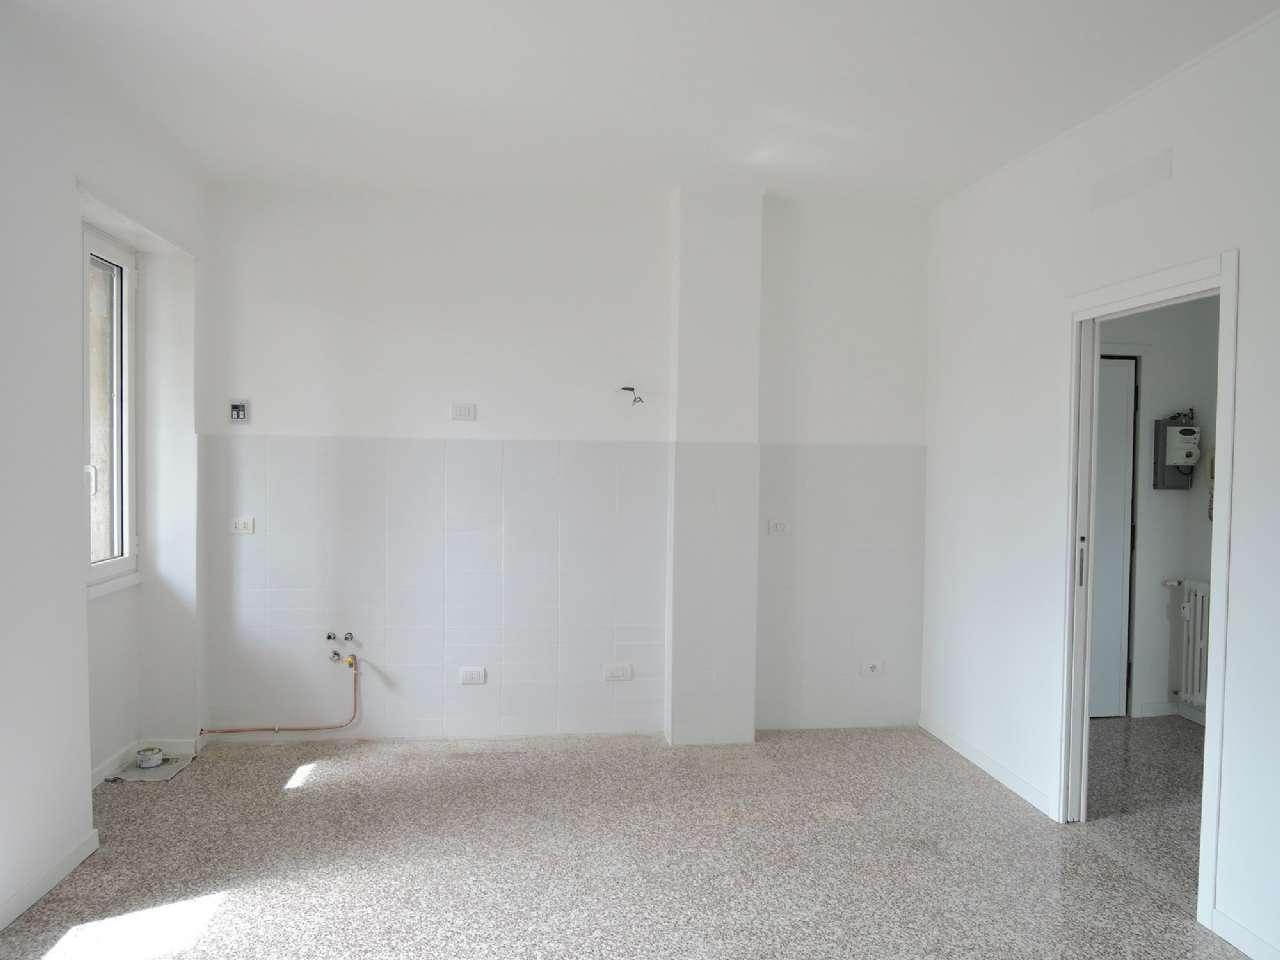 Appartamento in vendita a milano via via zambaldi for Planimetrie dei quartieri suocera